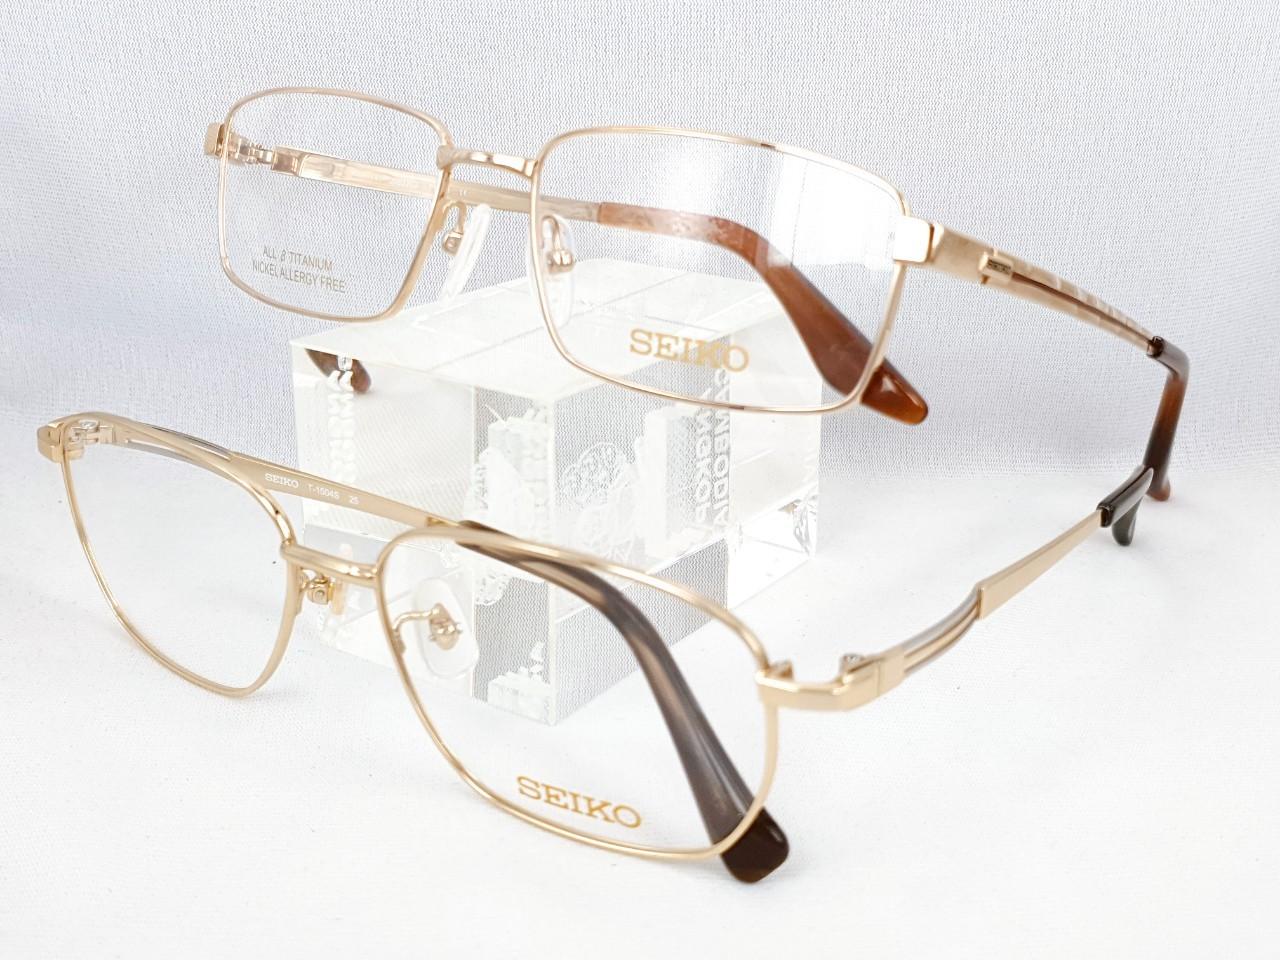 民視眼鏡品牌Seiko_191226_0001